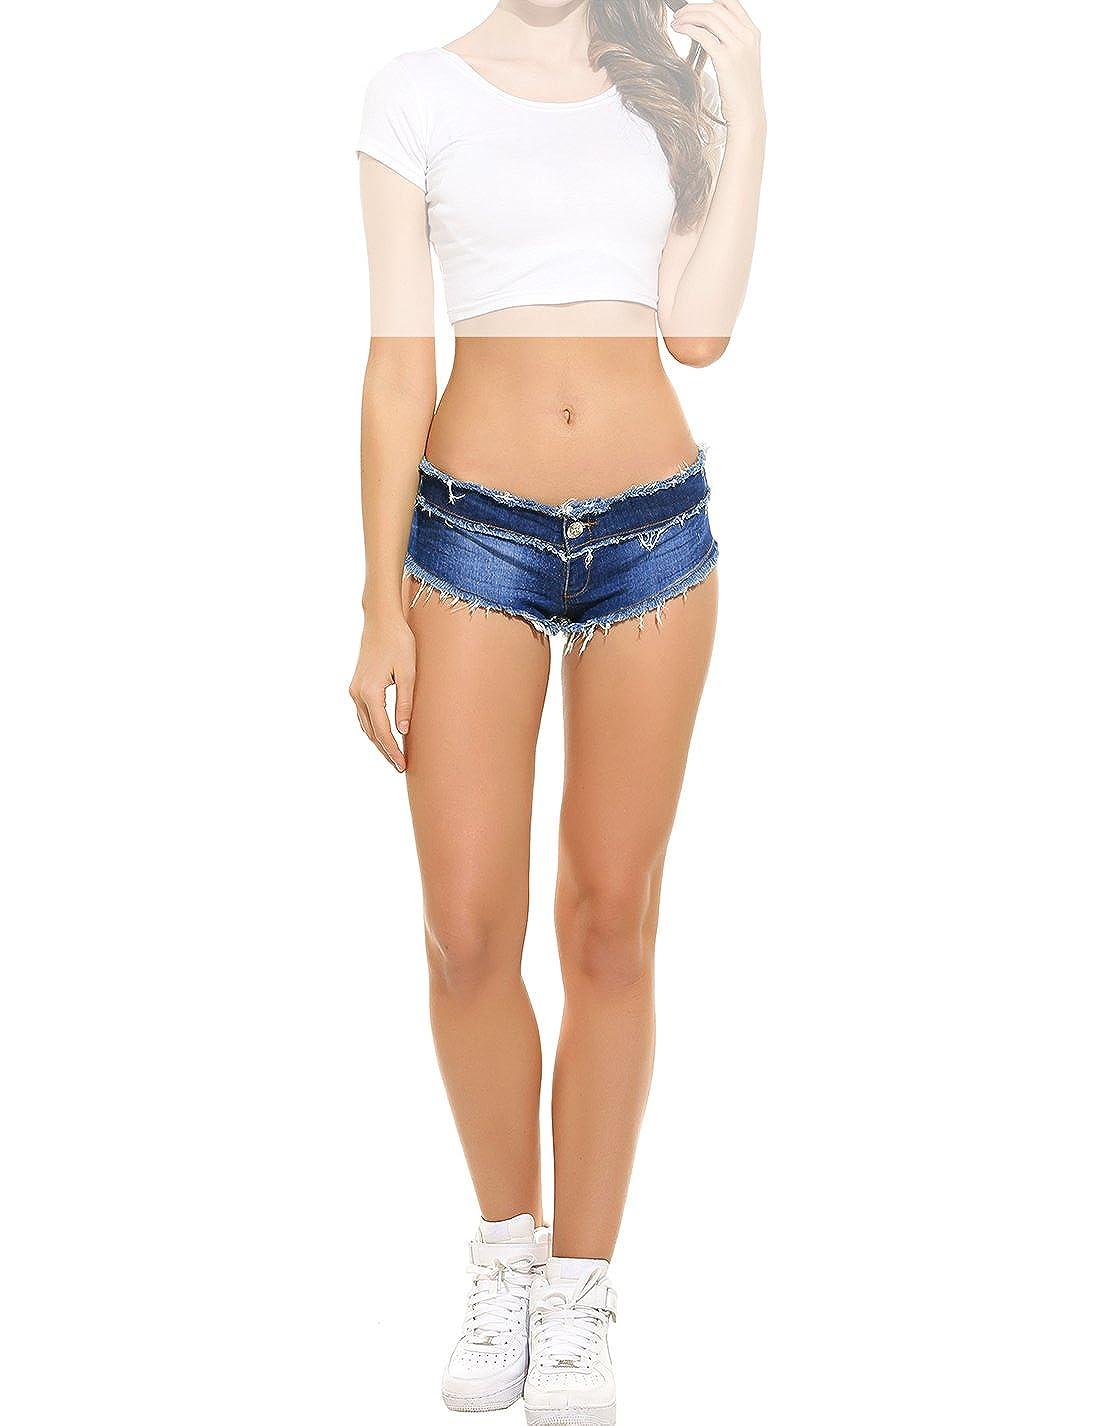 Pour Short Lomon Jeune Mini Femme Taille Basse De Jean Plage Tl3K1JFc